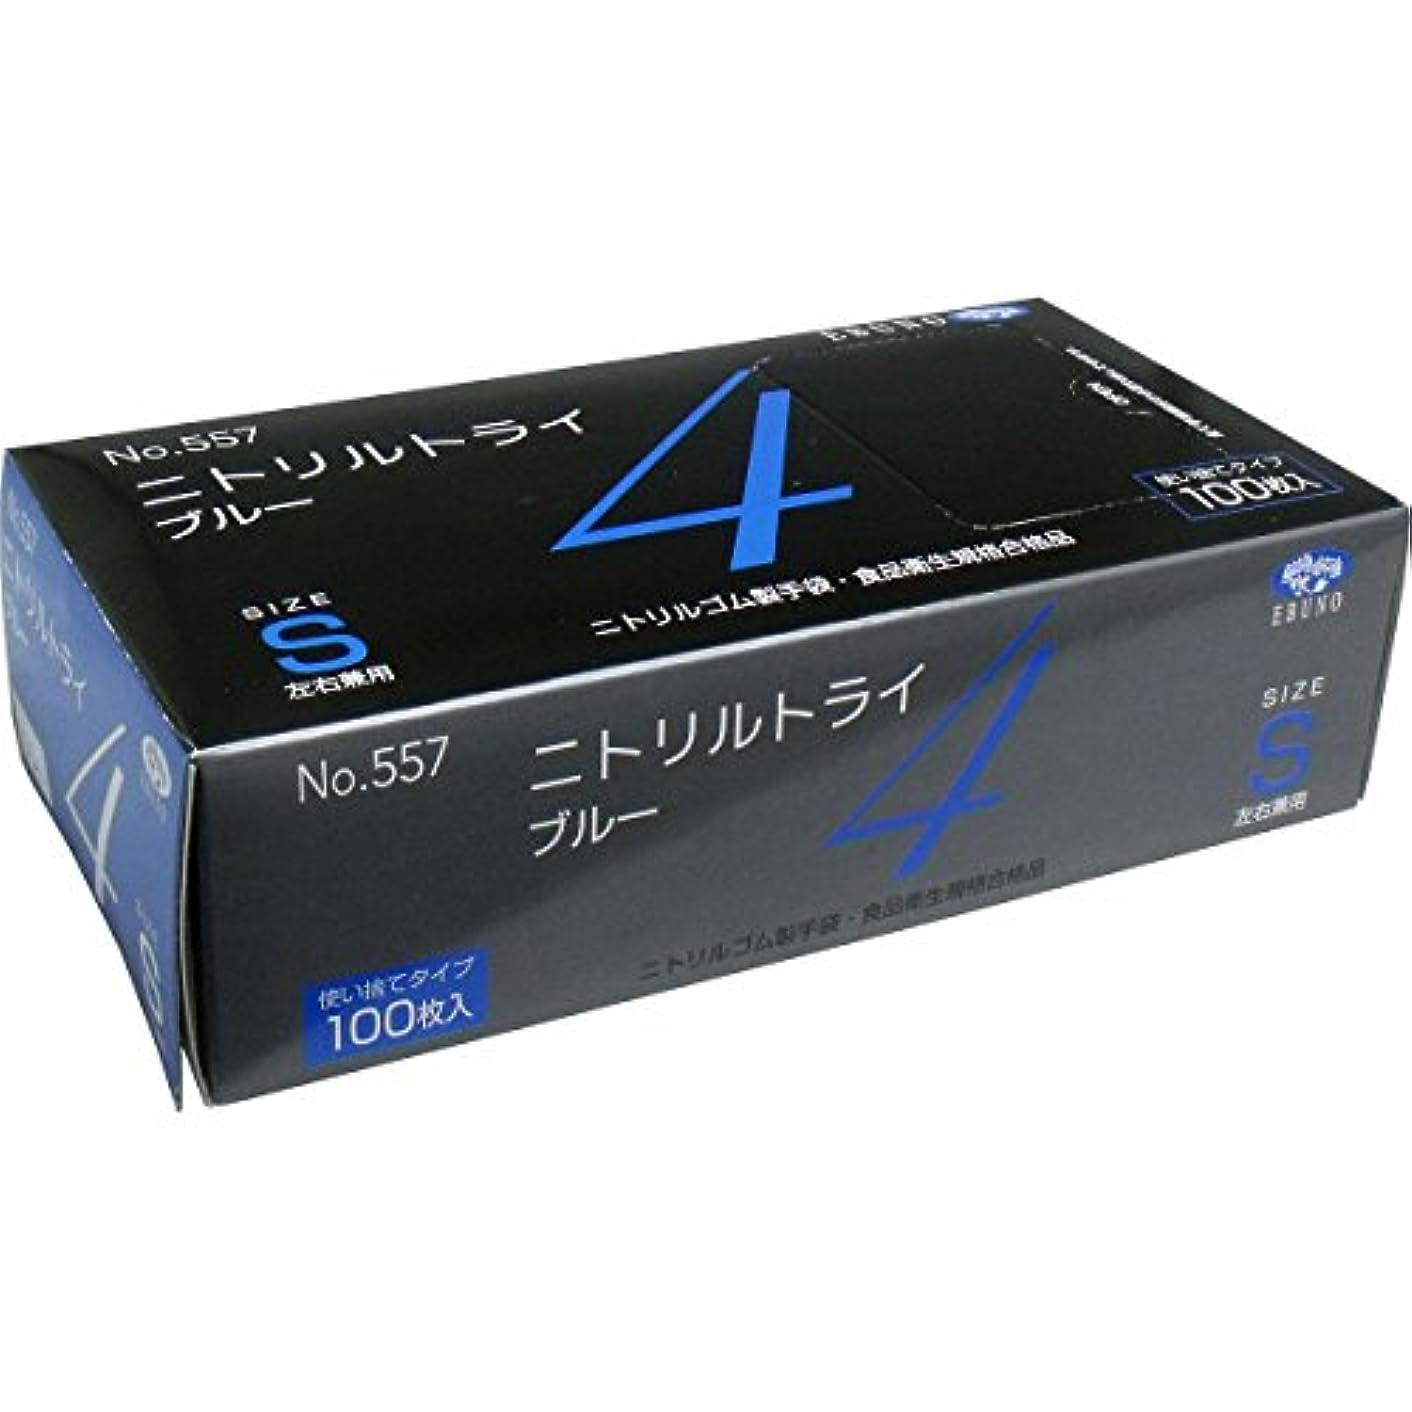 作成する著名なリードニトリルトライ4 №557 ブルー 粉付 Sサイズ 100枚入